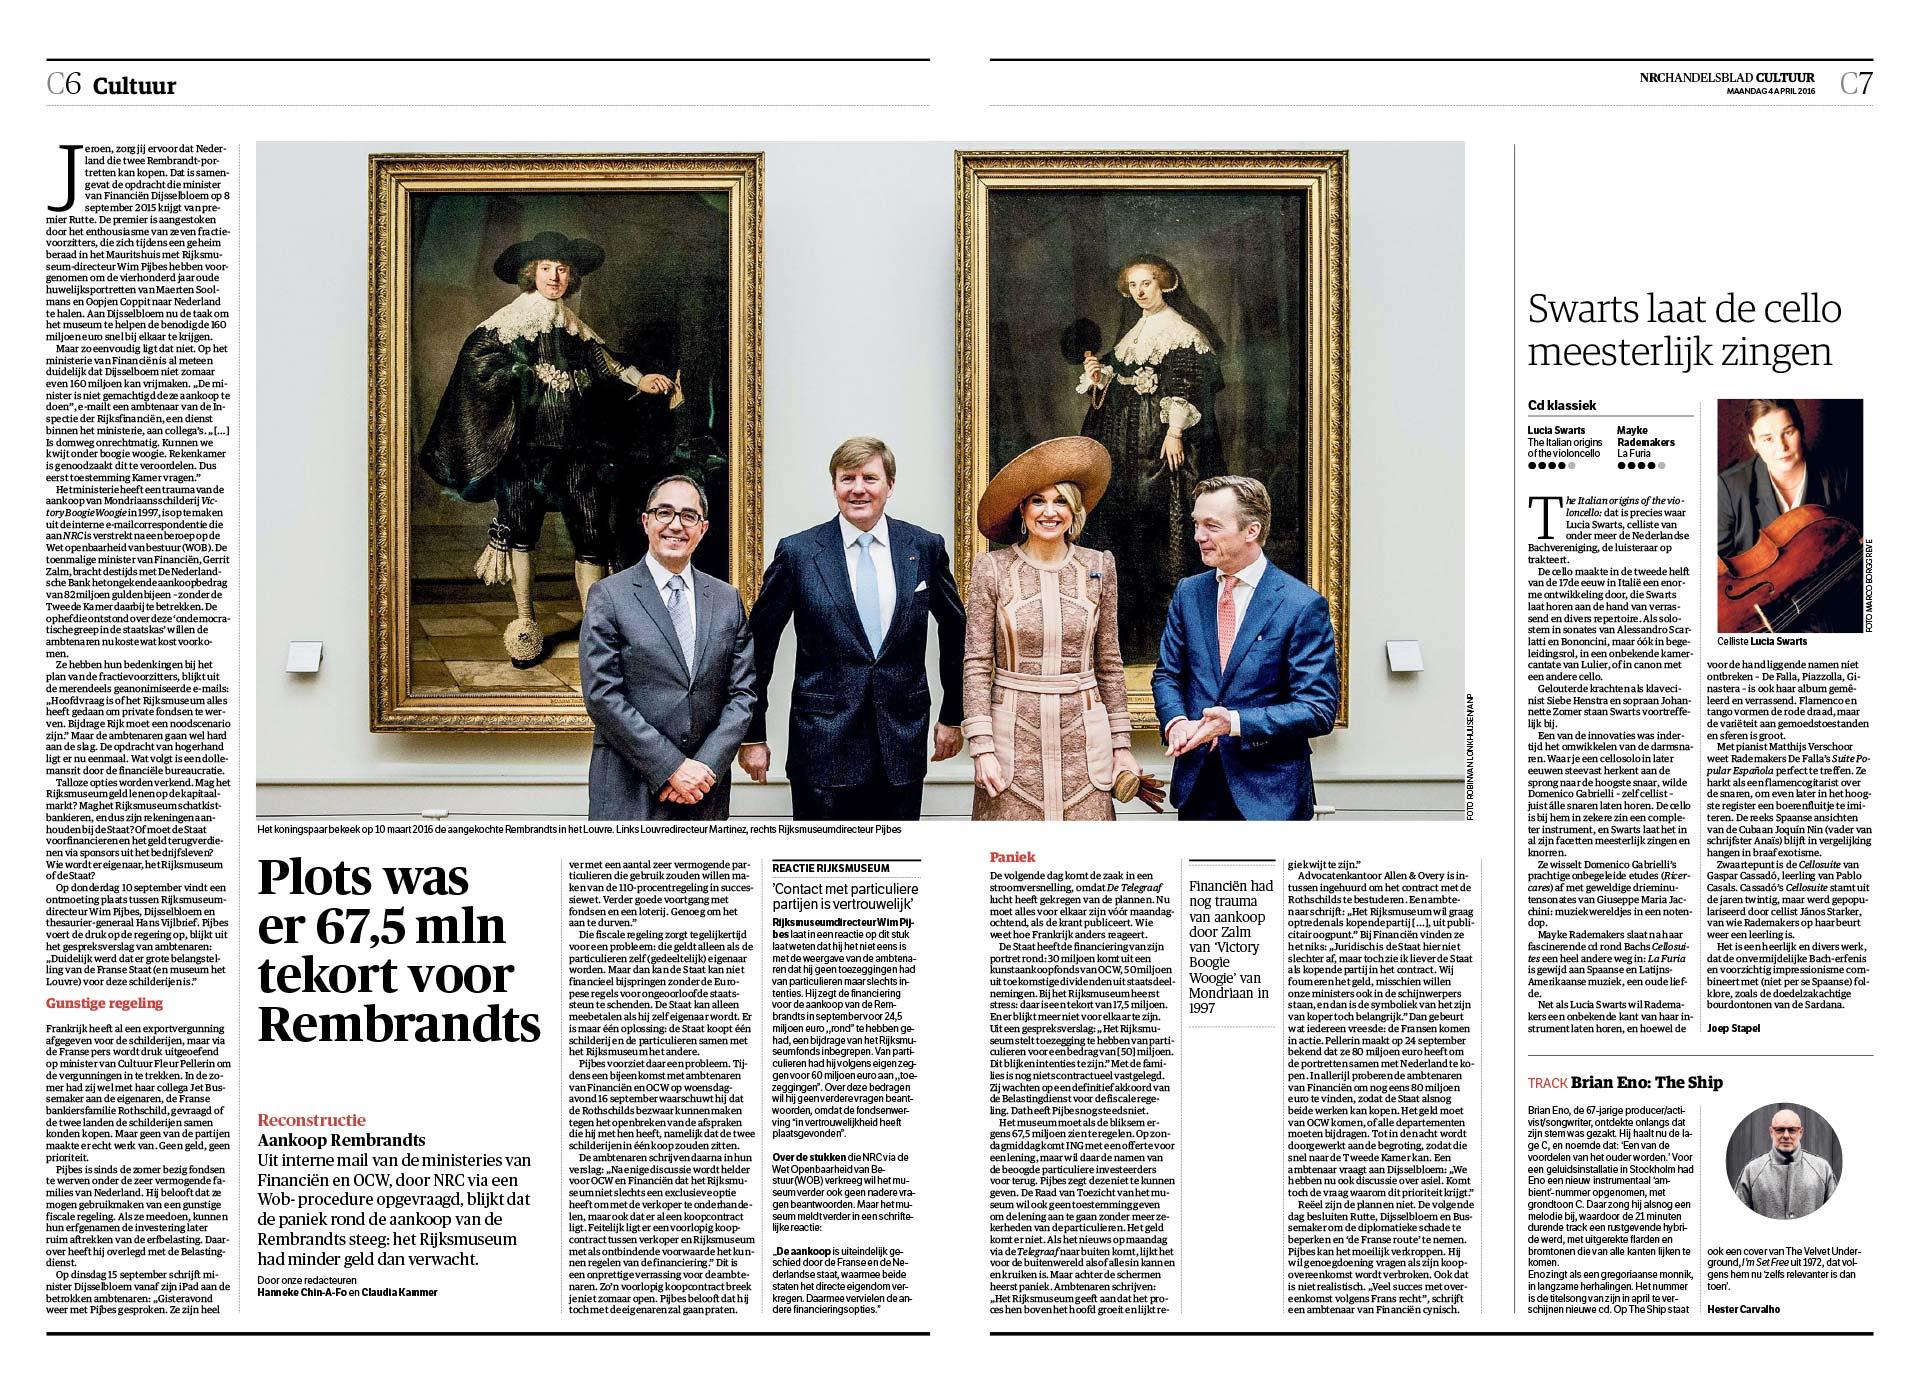 NRC Handelsblad, NRC Handelsblad, 3 april 2016